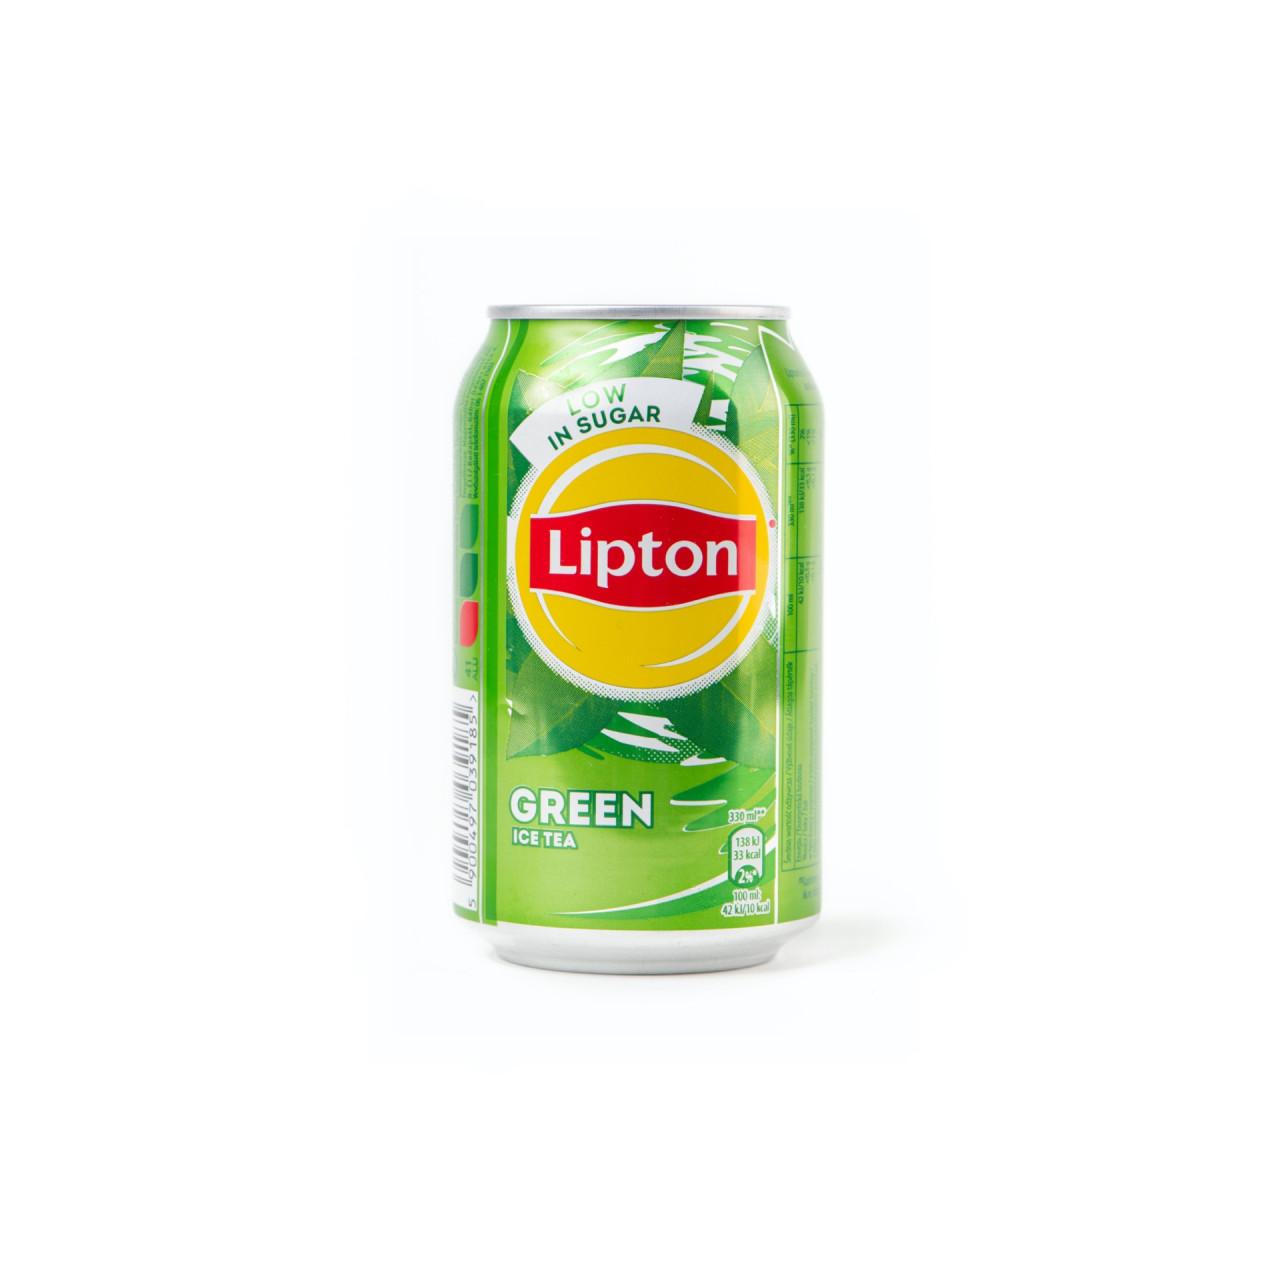 Lipton Green Ice Tea